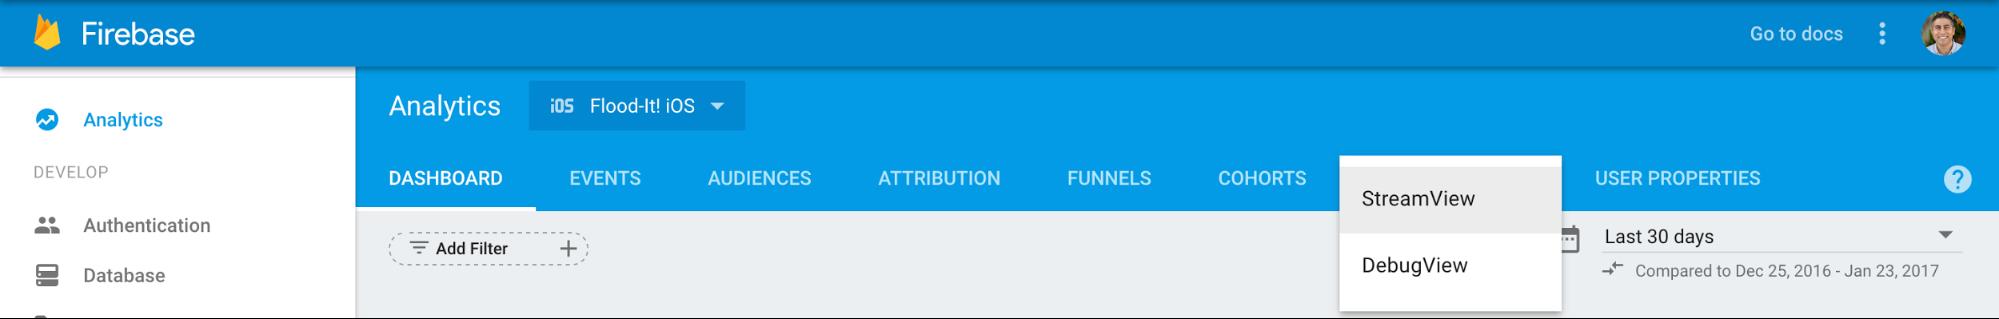 Passare a DebugView selezionando la freccia accanto a StreamView nel menu di navigazione superiore di Google Analytics e selezionando DebugView